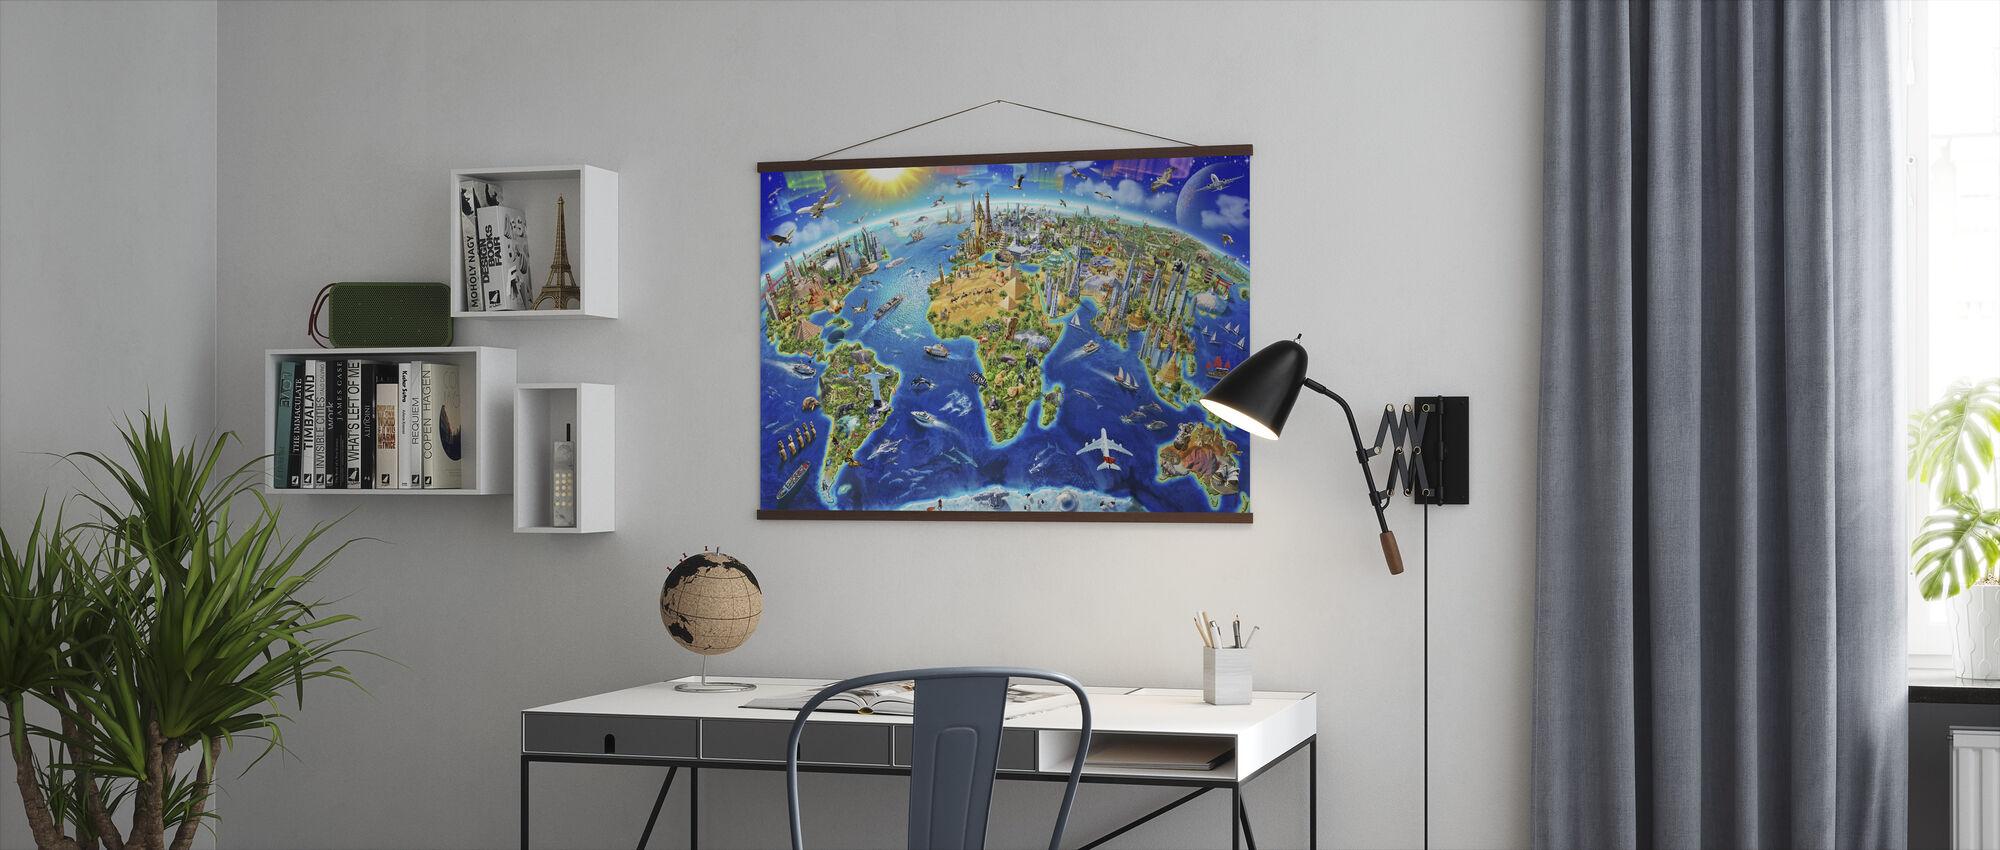 World Landmarks Globe - Poster - Office